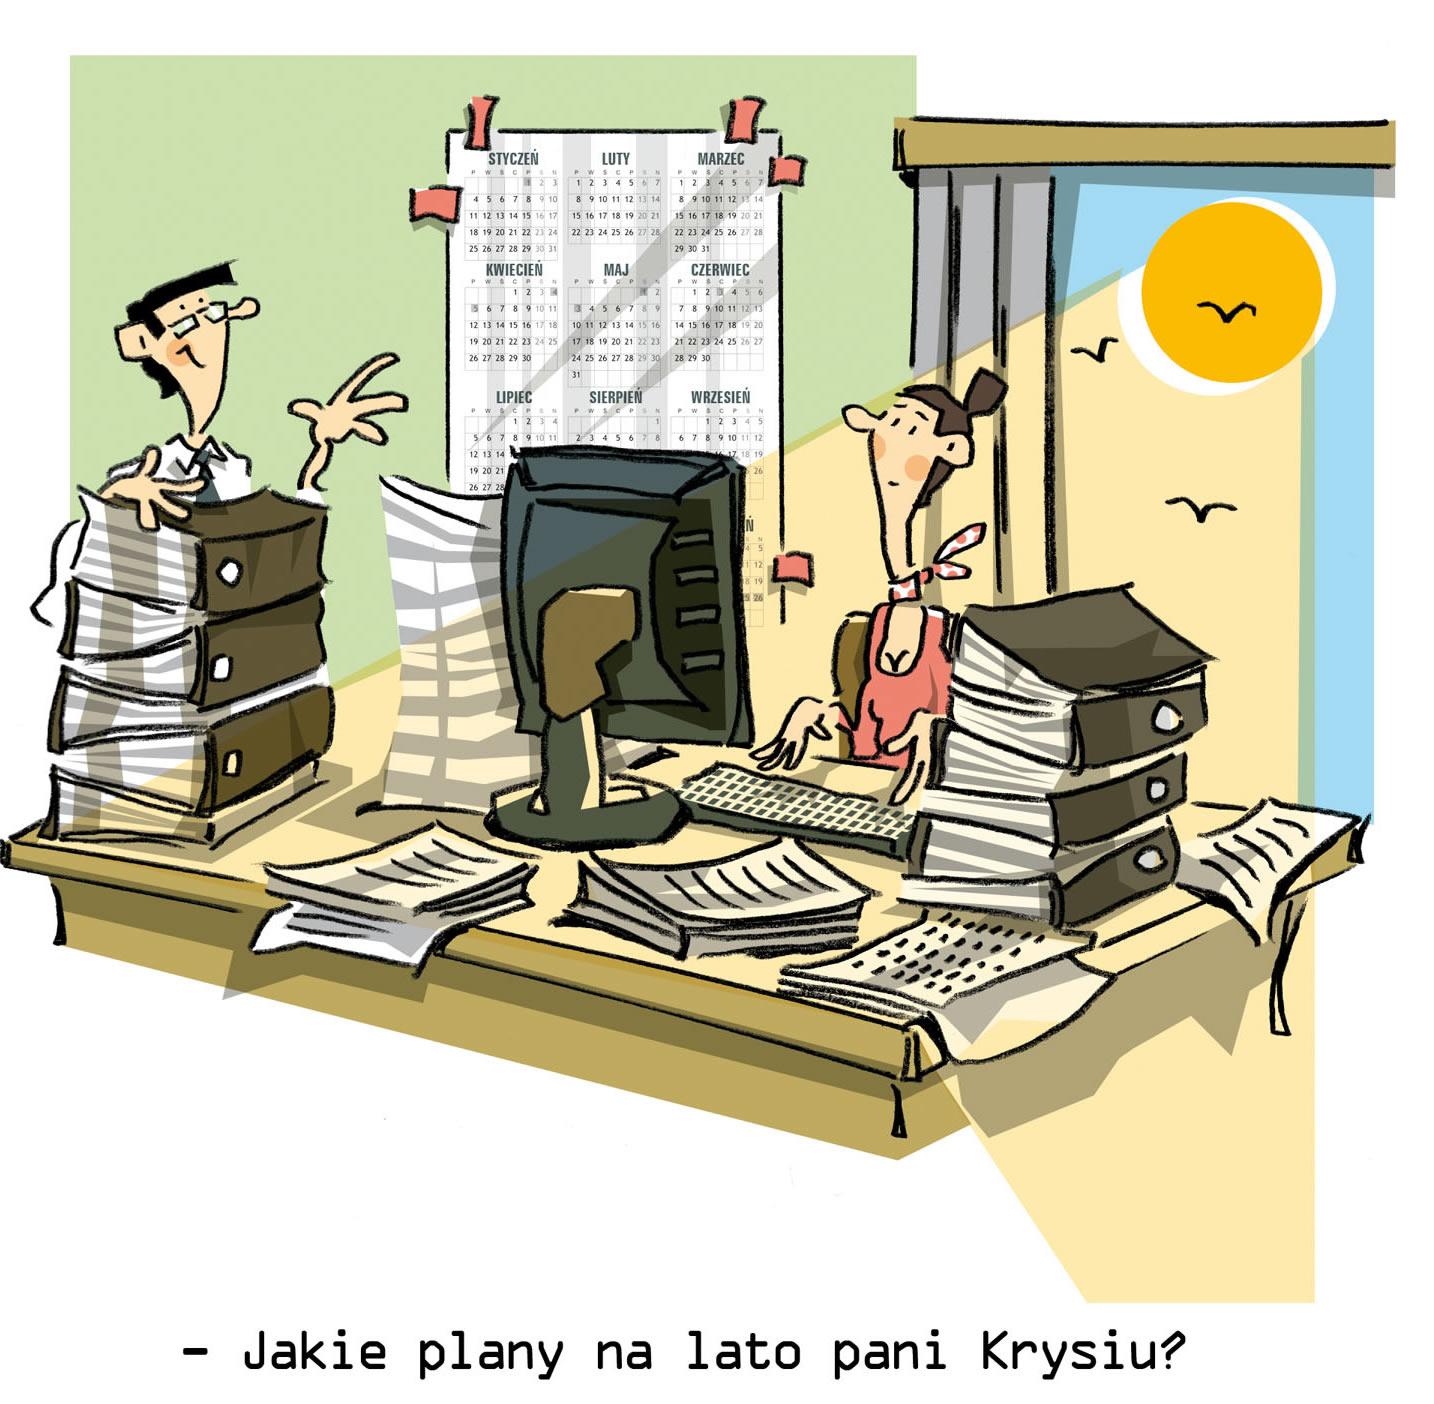 Biurowe życie